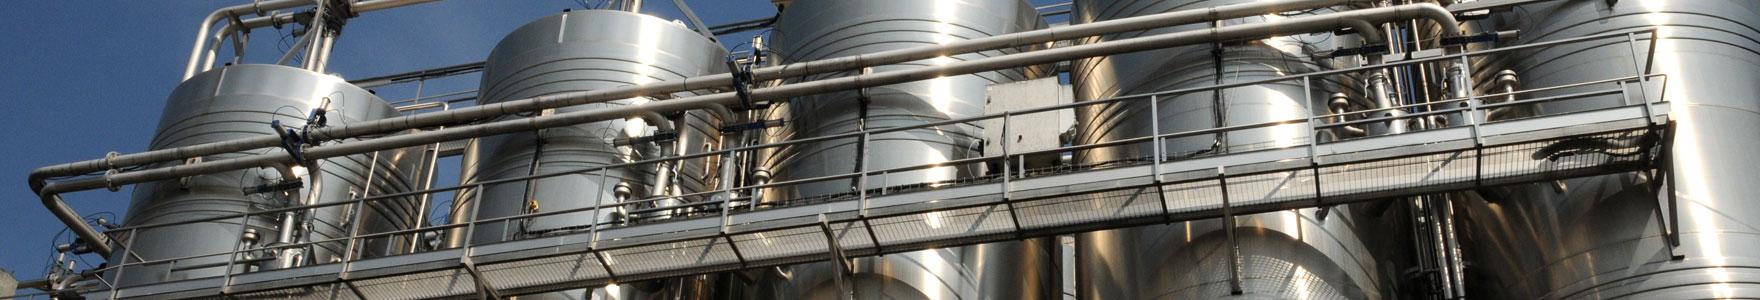 Liants hydrocarbonés et d'Enrobés froids